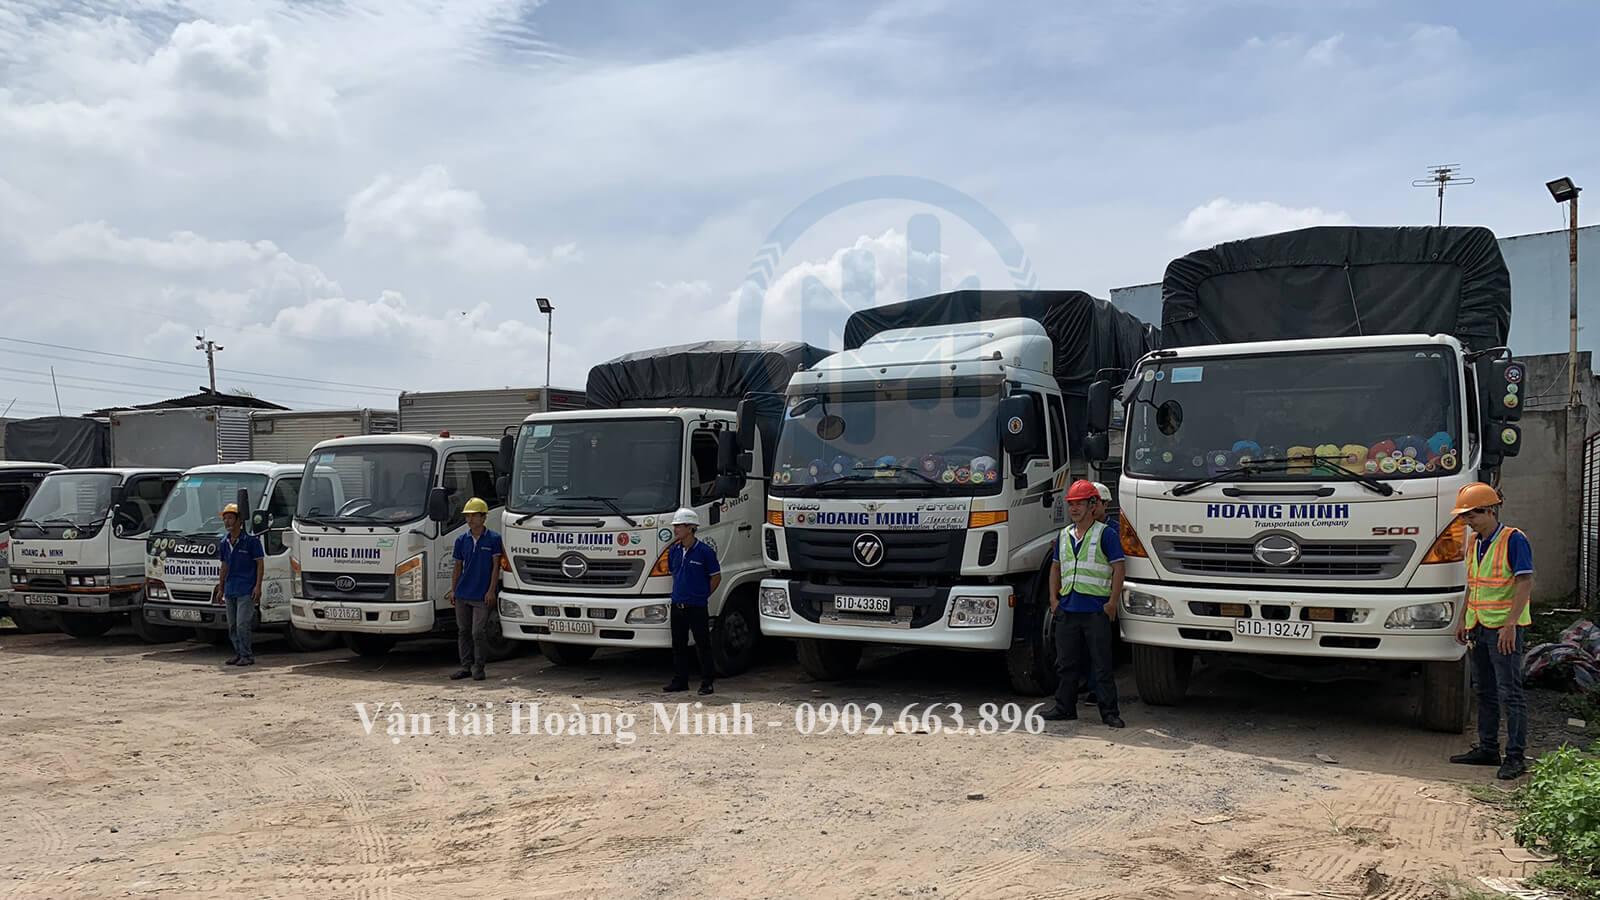 công ty vận chuyển hàng hoá trong nước, vận chuyển hàng hoá nội địa